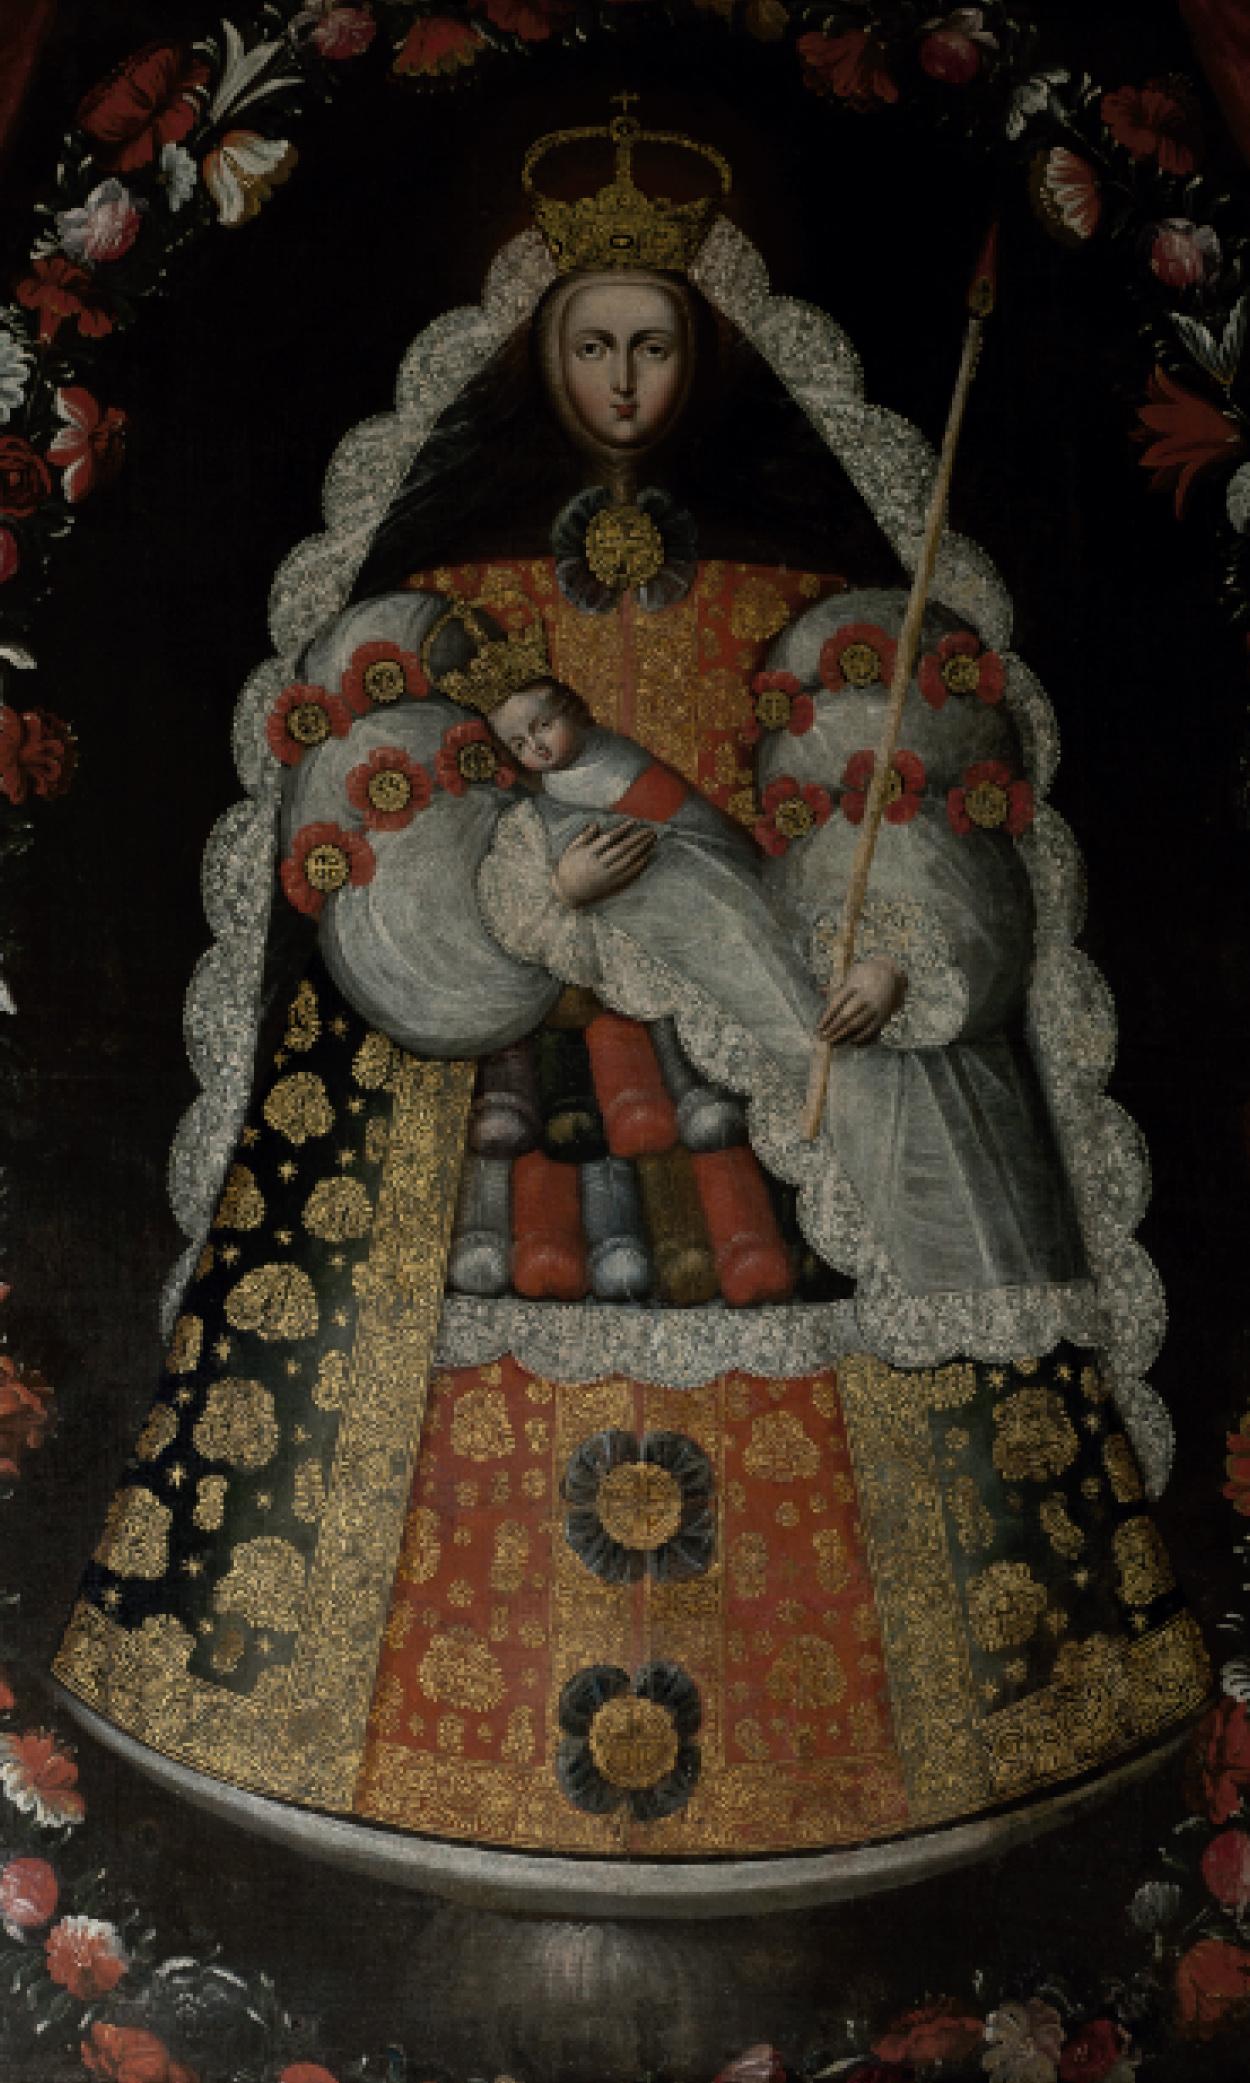 Virgen de la Candelaria de Tenerife (1679 - 1699)